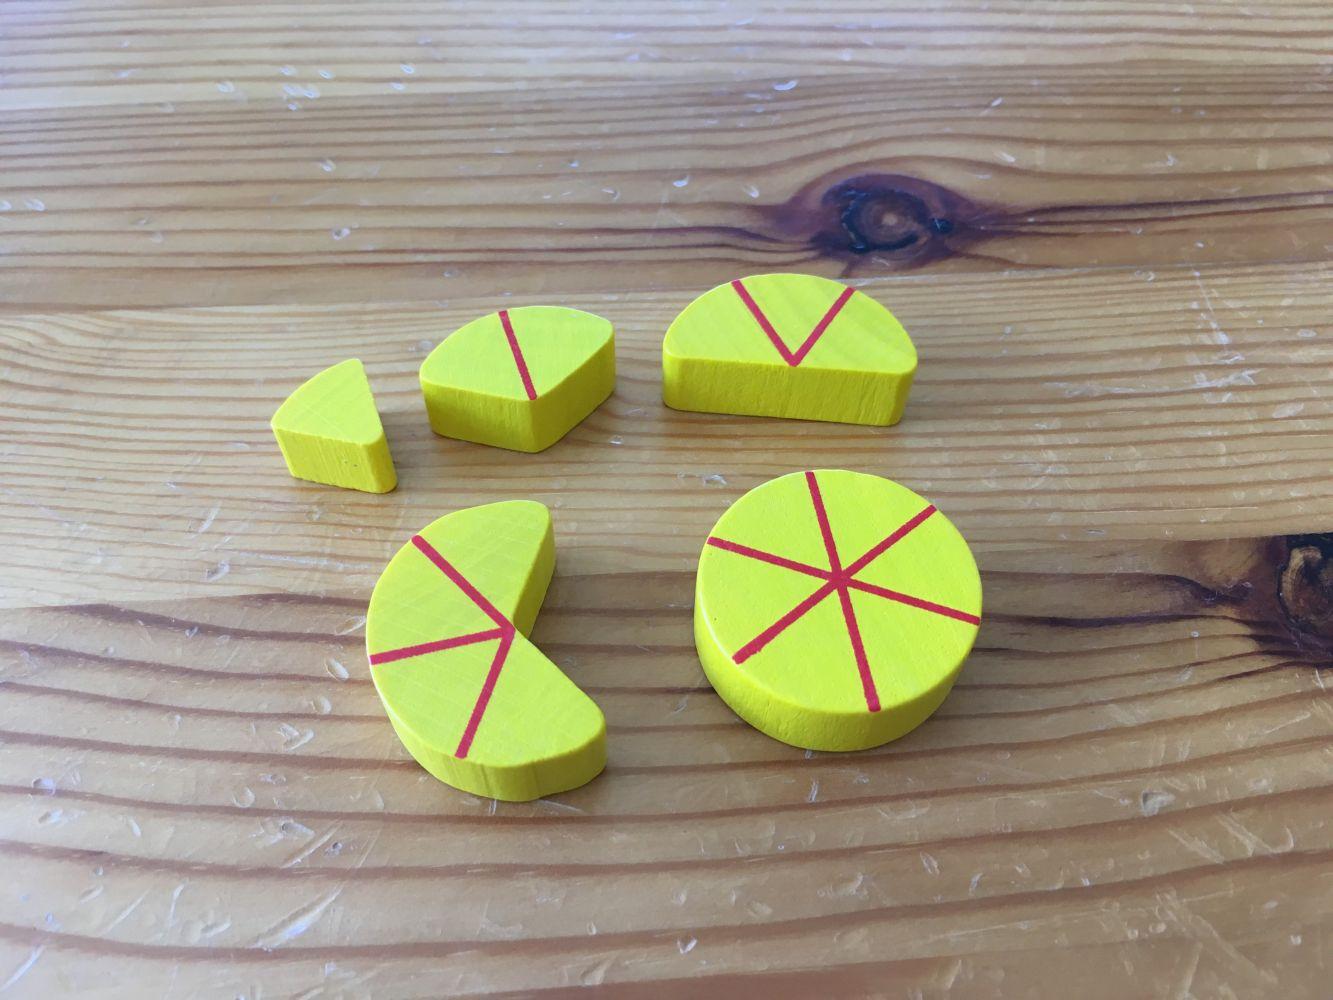 Les différentes tailles de morceaux de fromage